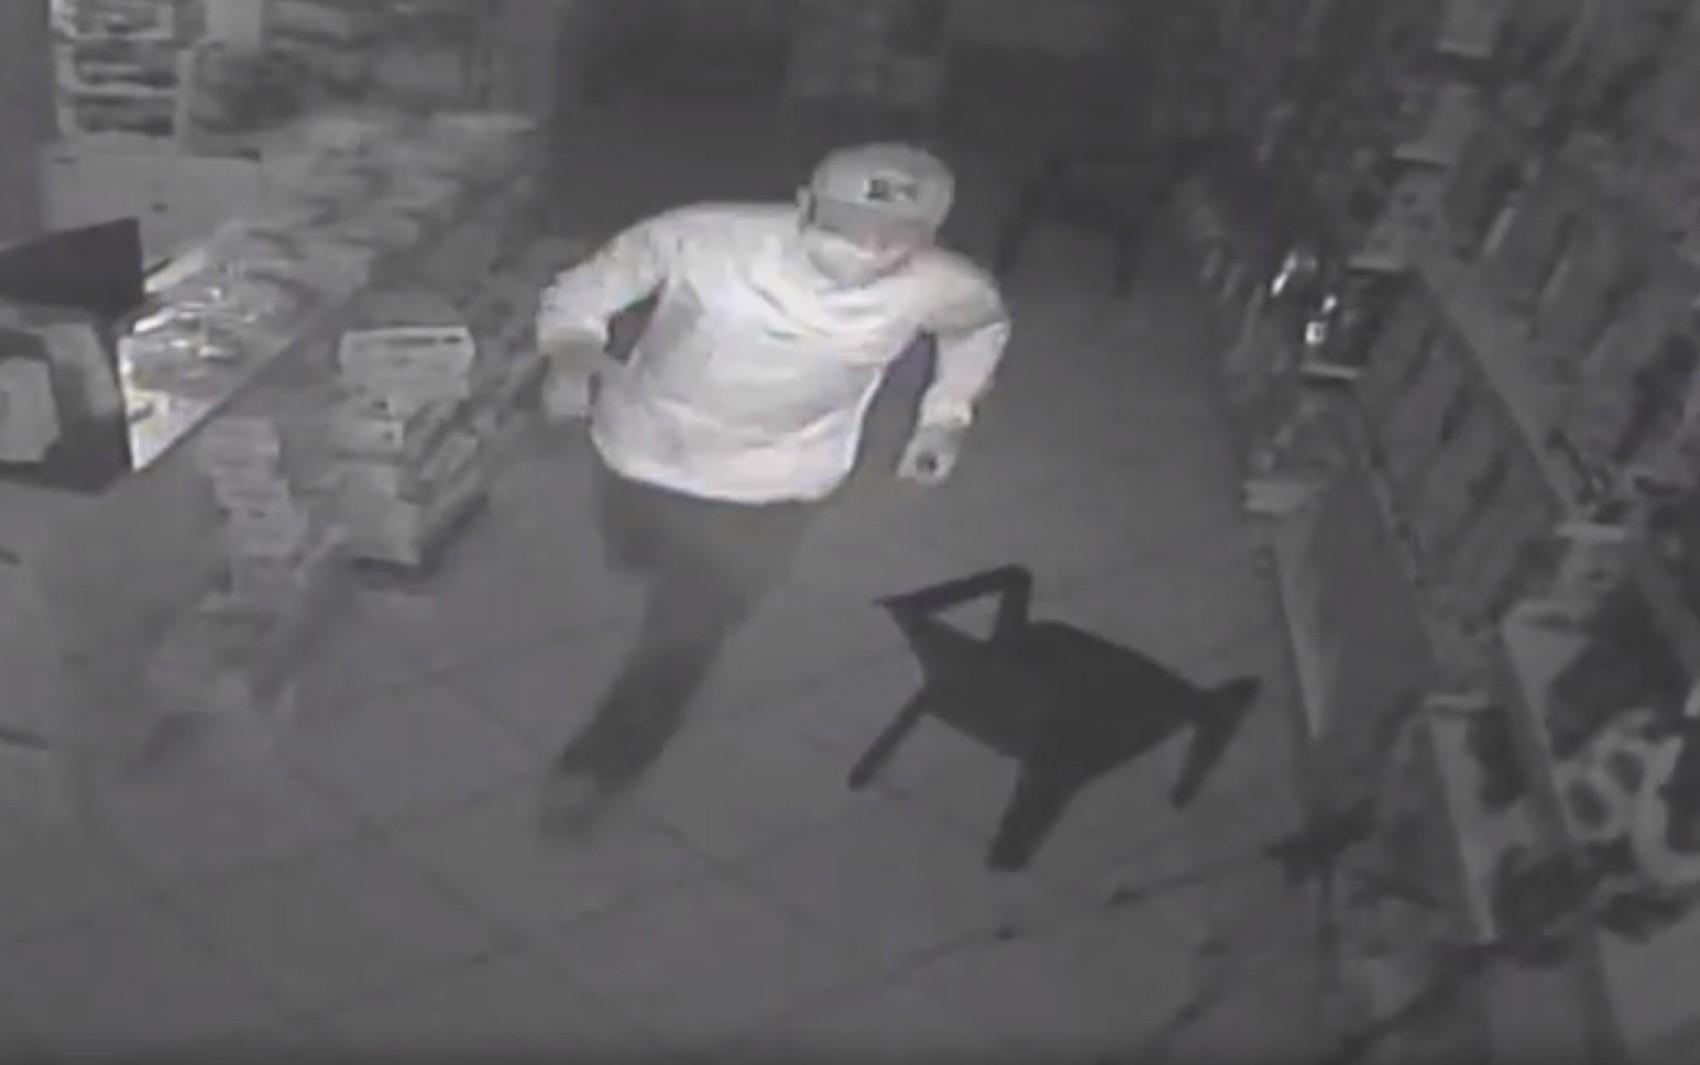 Ladrões invadem loja e furtam perfumes na zona Leste de Ribeirão Preto, SP; vídeo